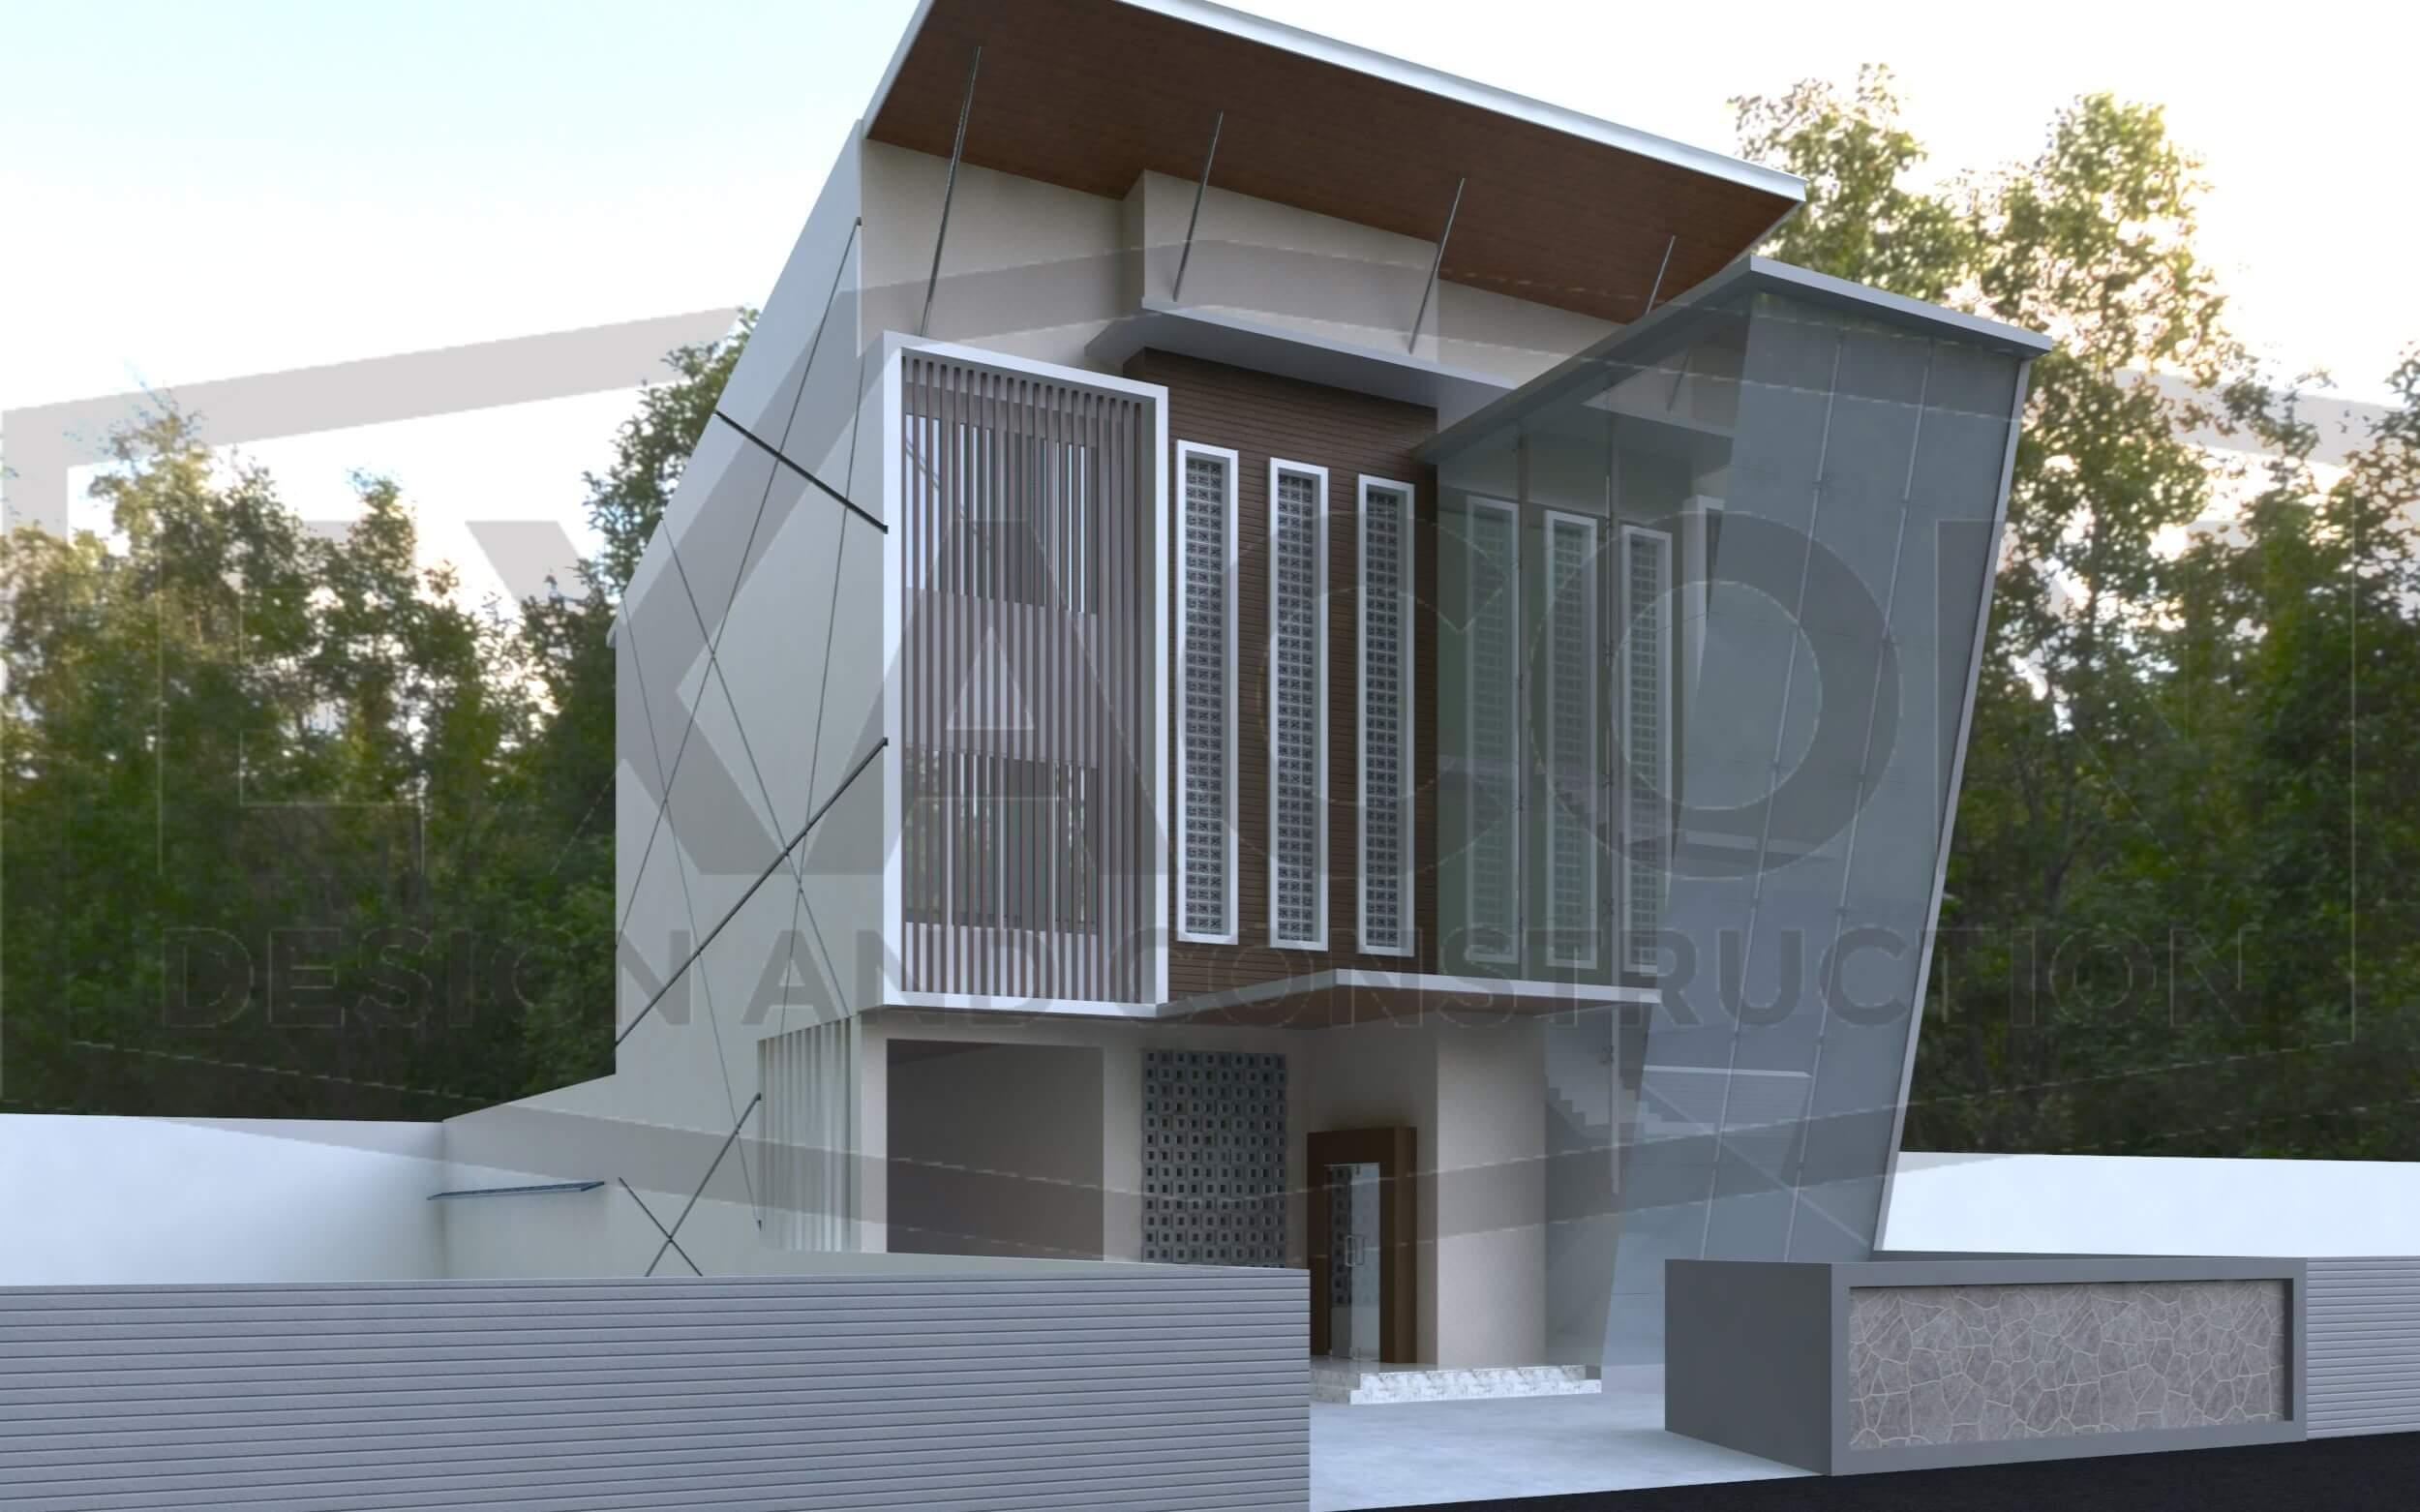 Proyek Desain Kantor Minimalis Tropis Bapak Rinaldi Depok